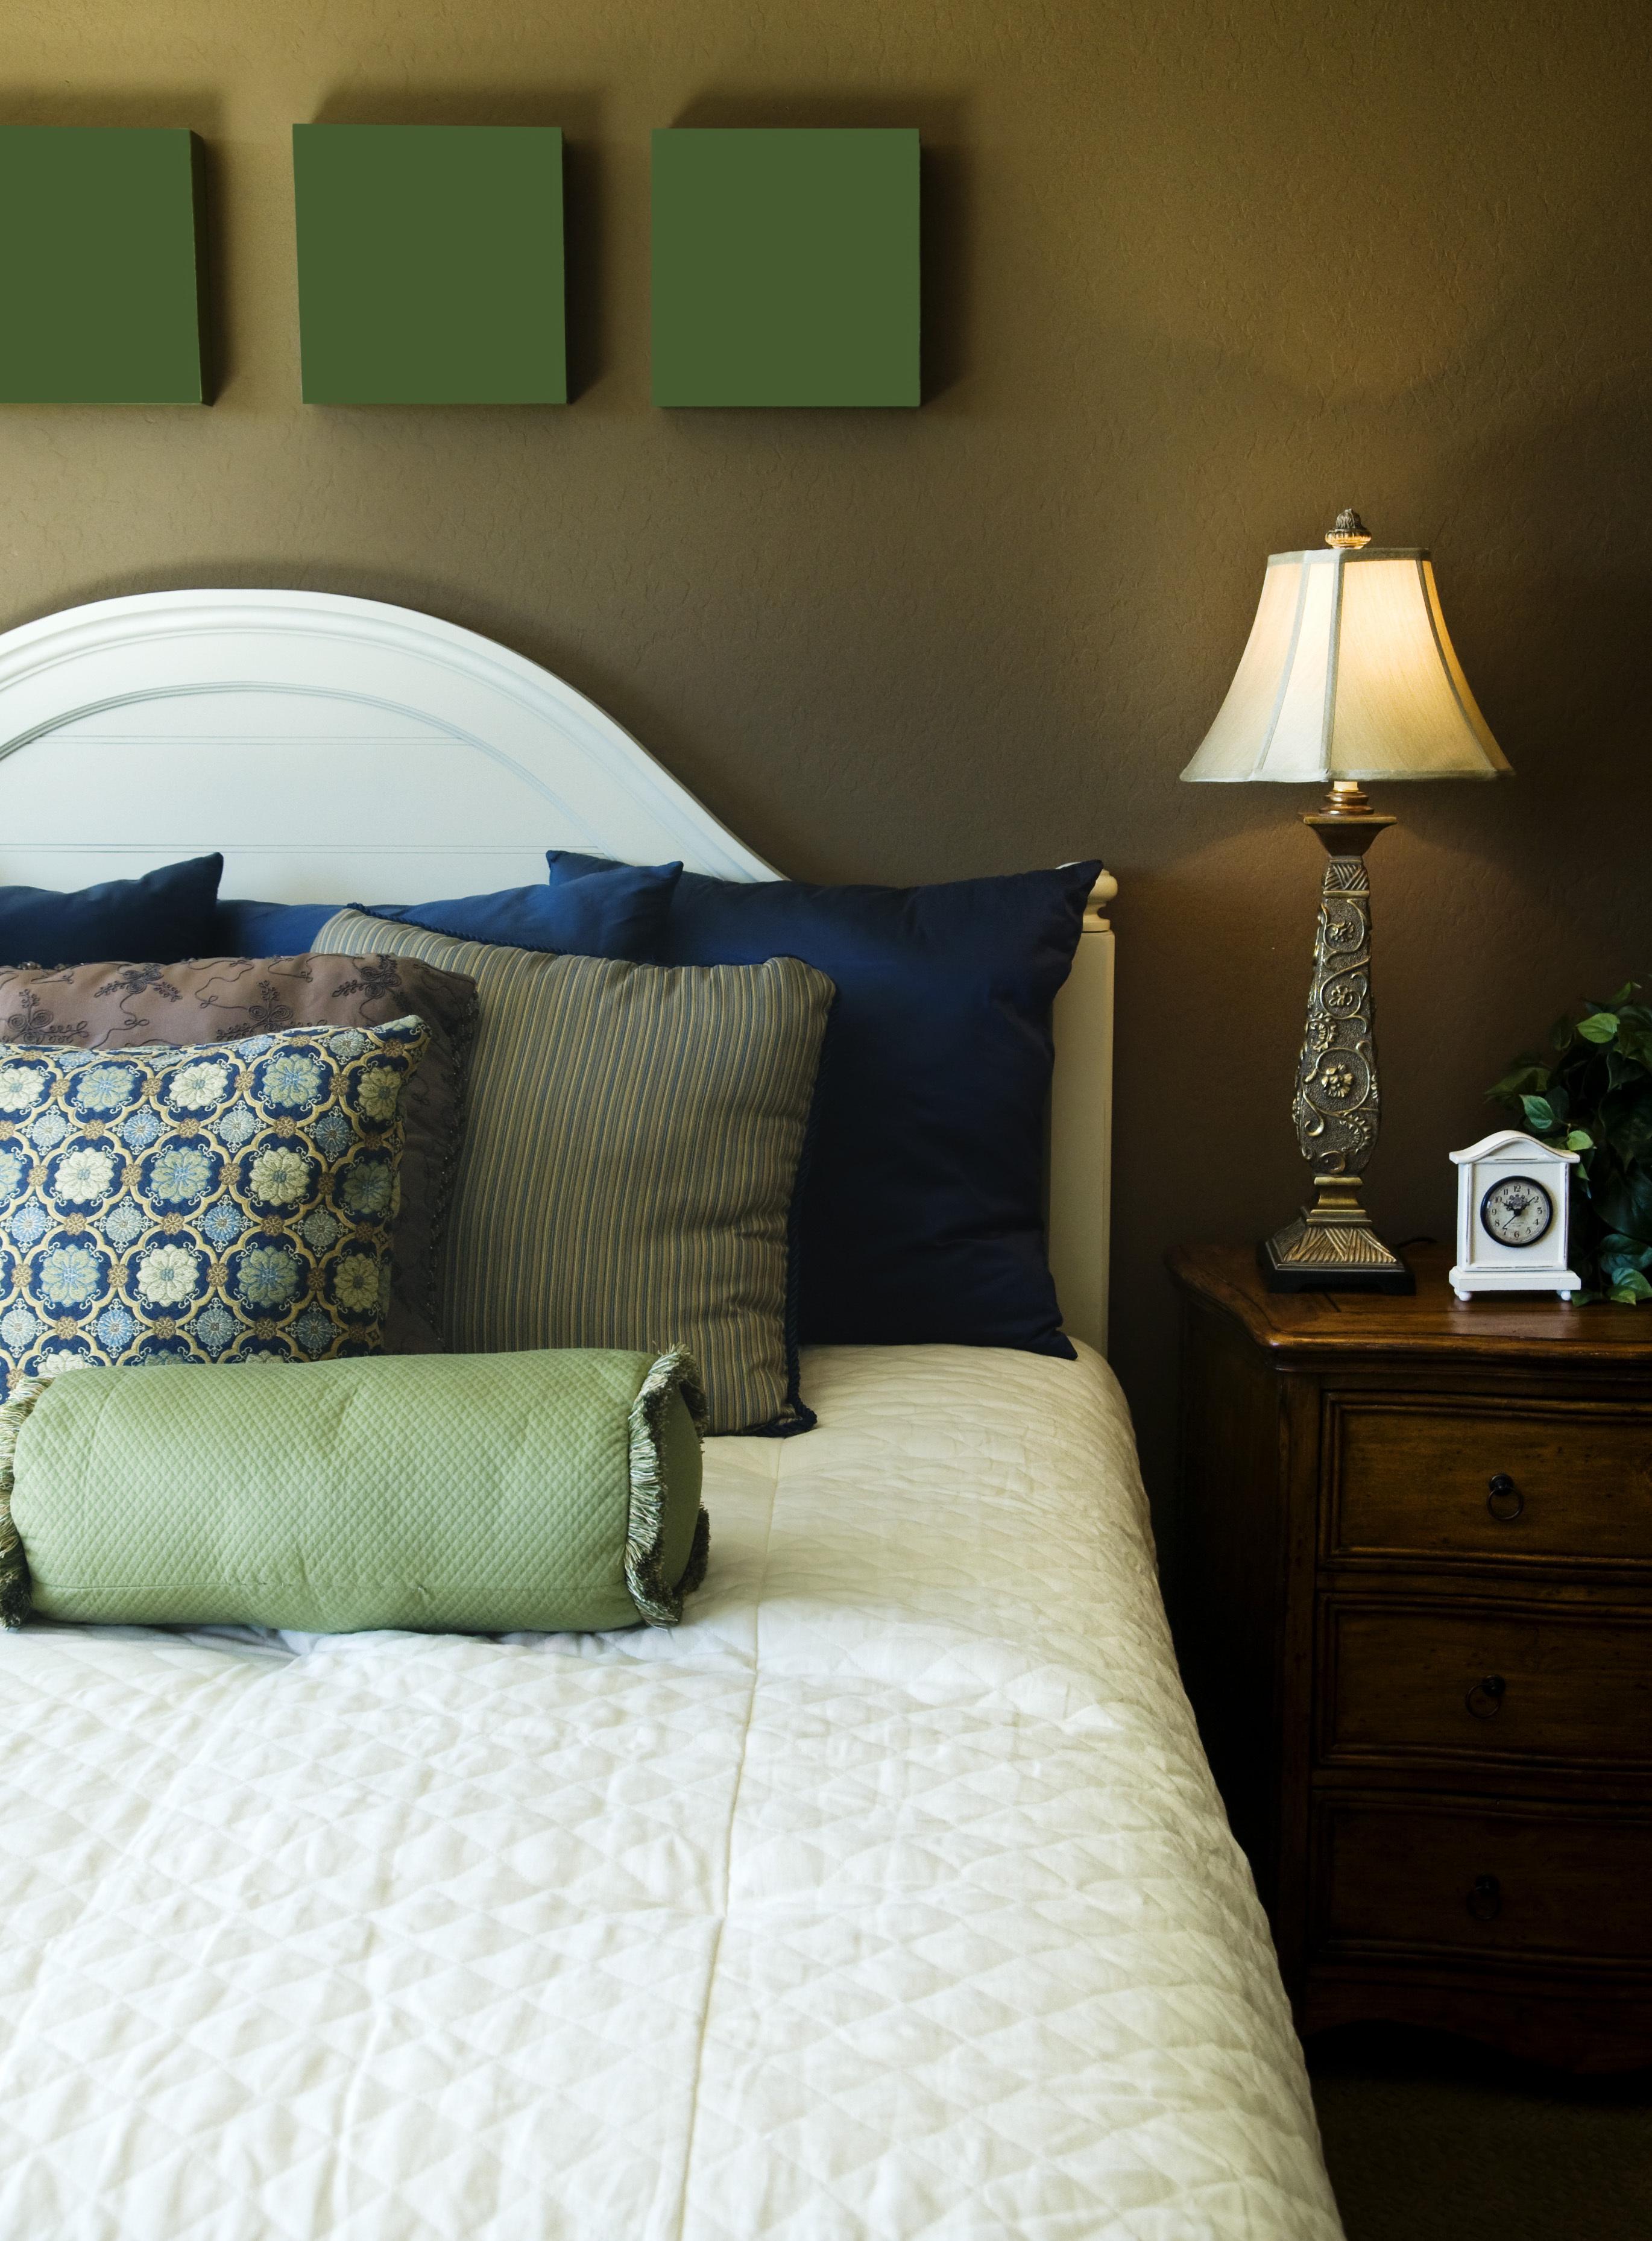 Darmowe Zdjęcia Pokój Sypialnia Meble łóżko Pościel